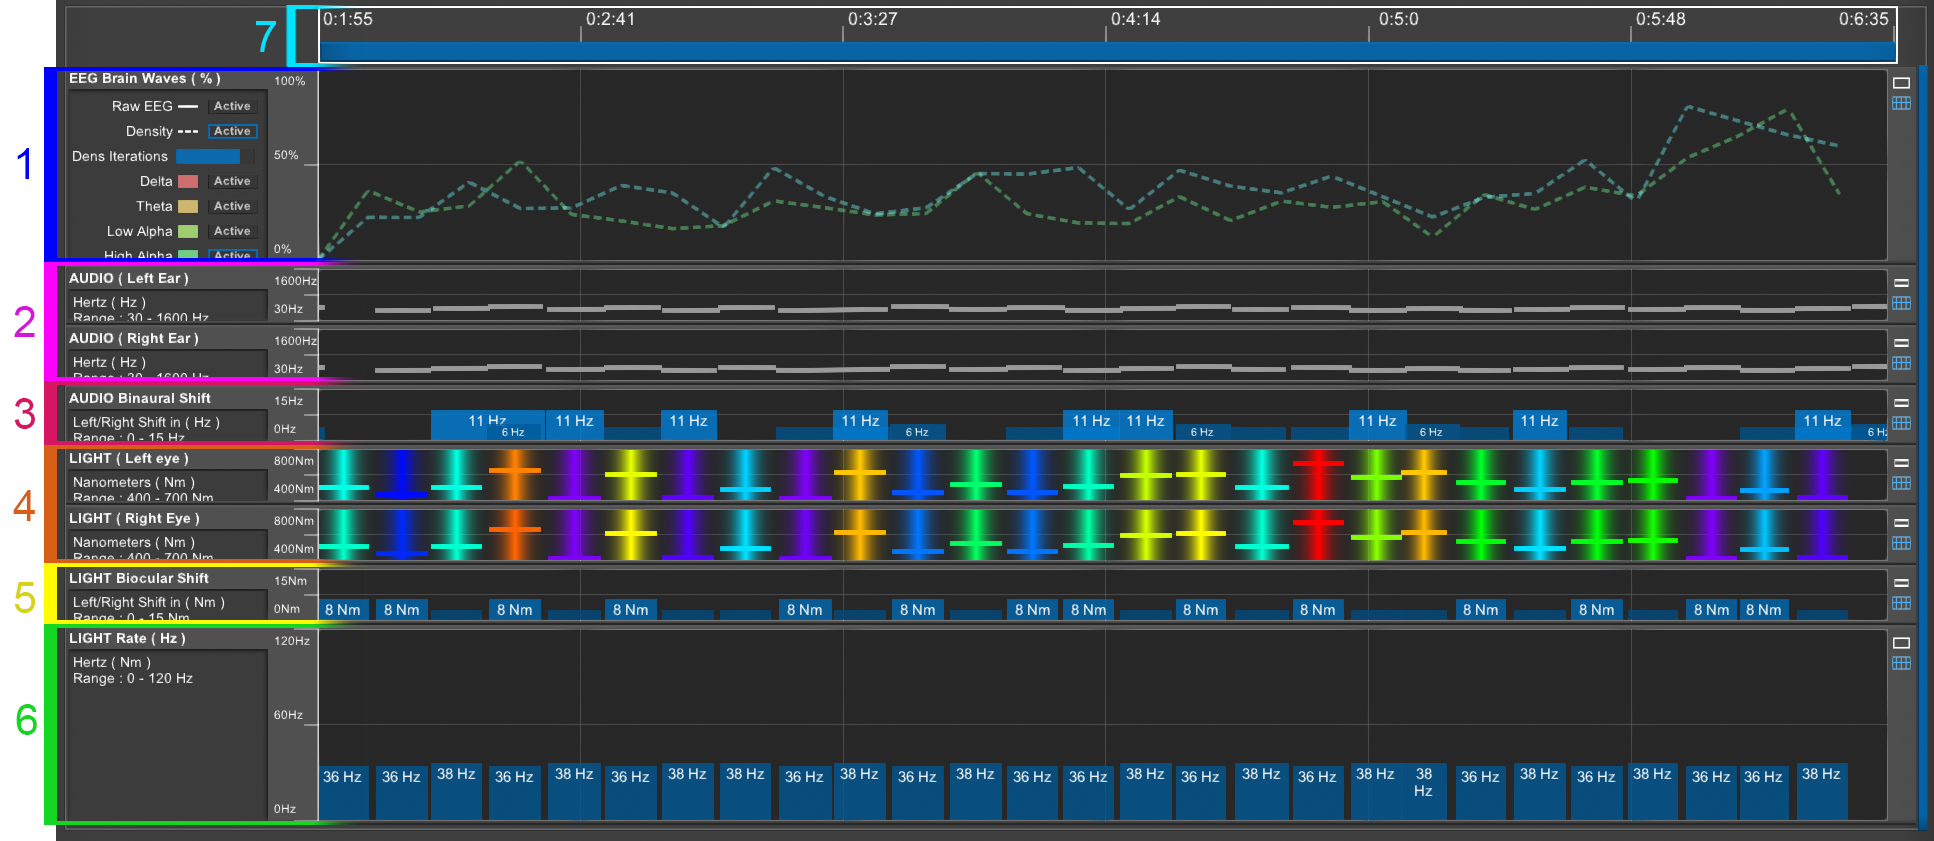 S-Watch - Binaural Software - Statistics Timeline